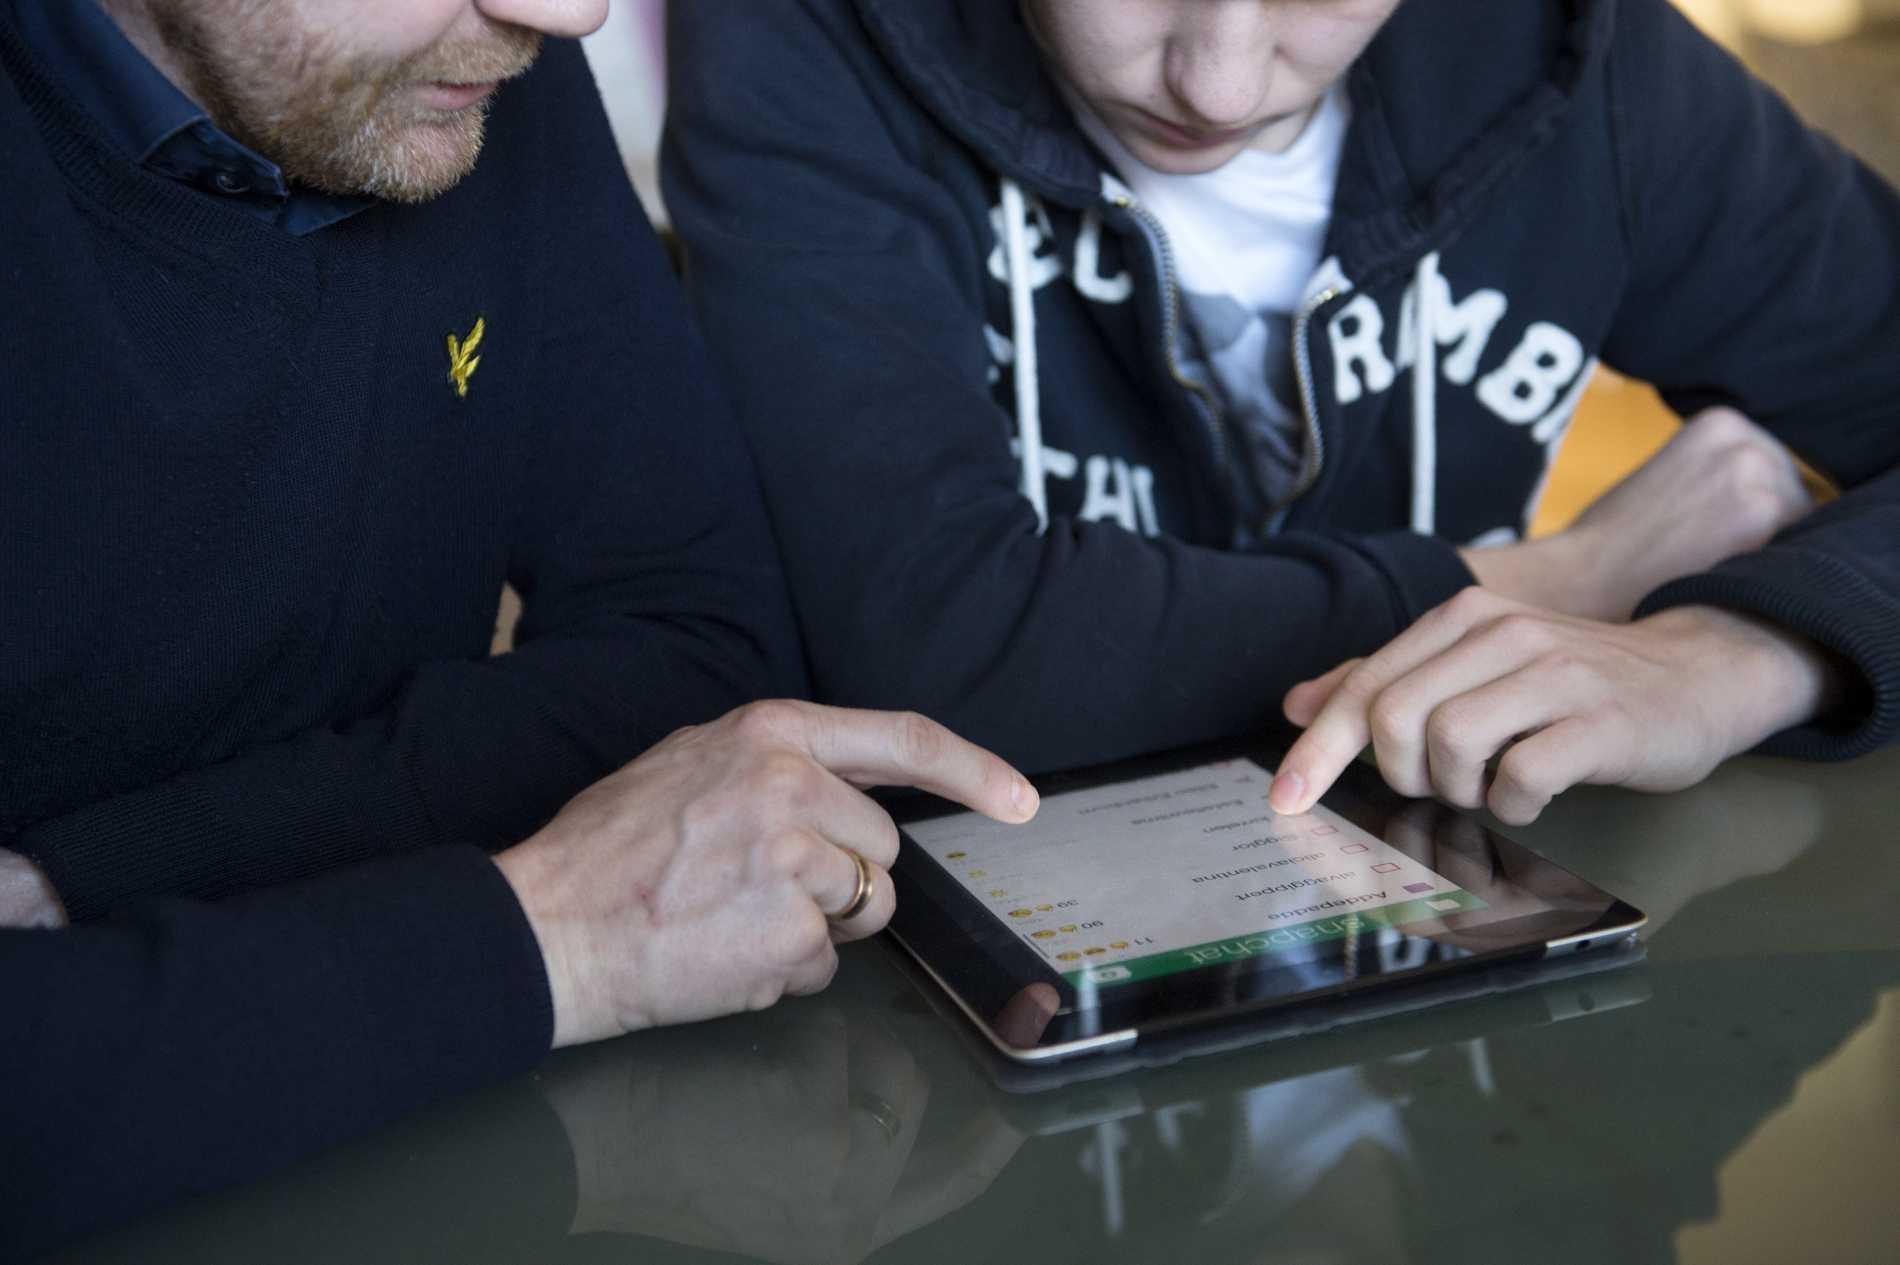 Mer än var tredje barn har kontaktats på internet i sexuella syften, visar en Sifo-undersökning. Arkivbild.